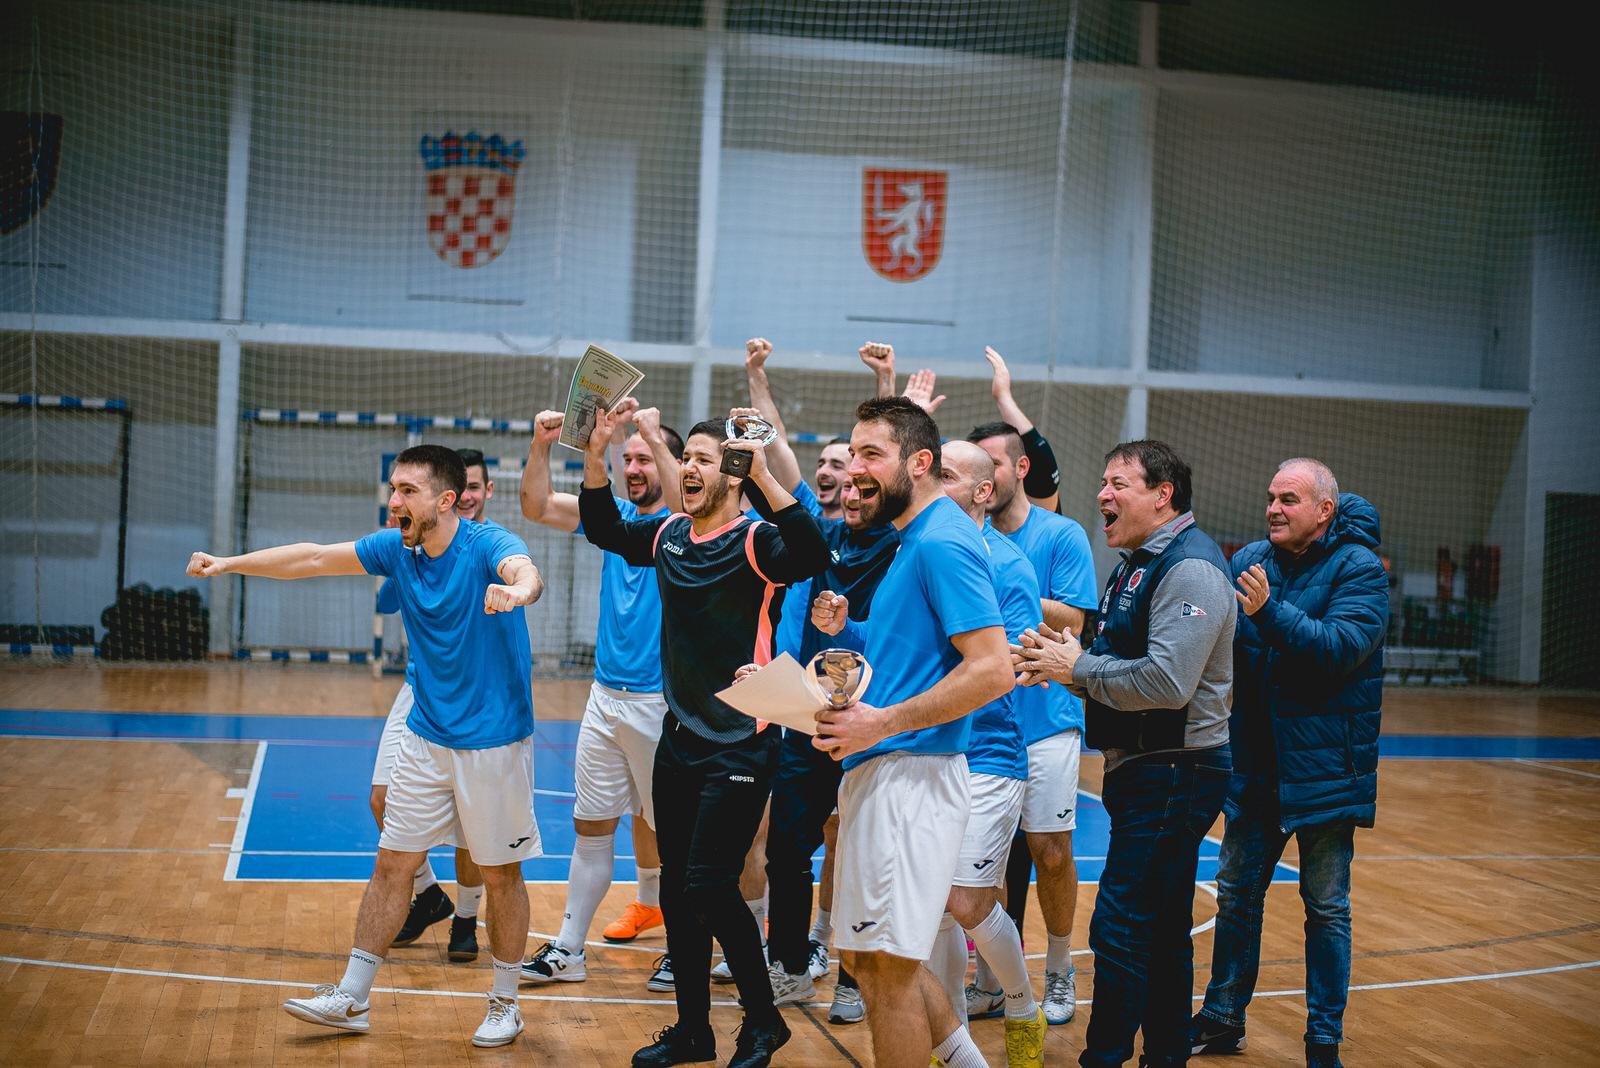 likaclub_gospić_zimski-malonogometni-turnir-2018-19-100